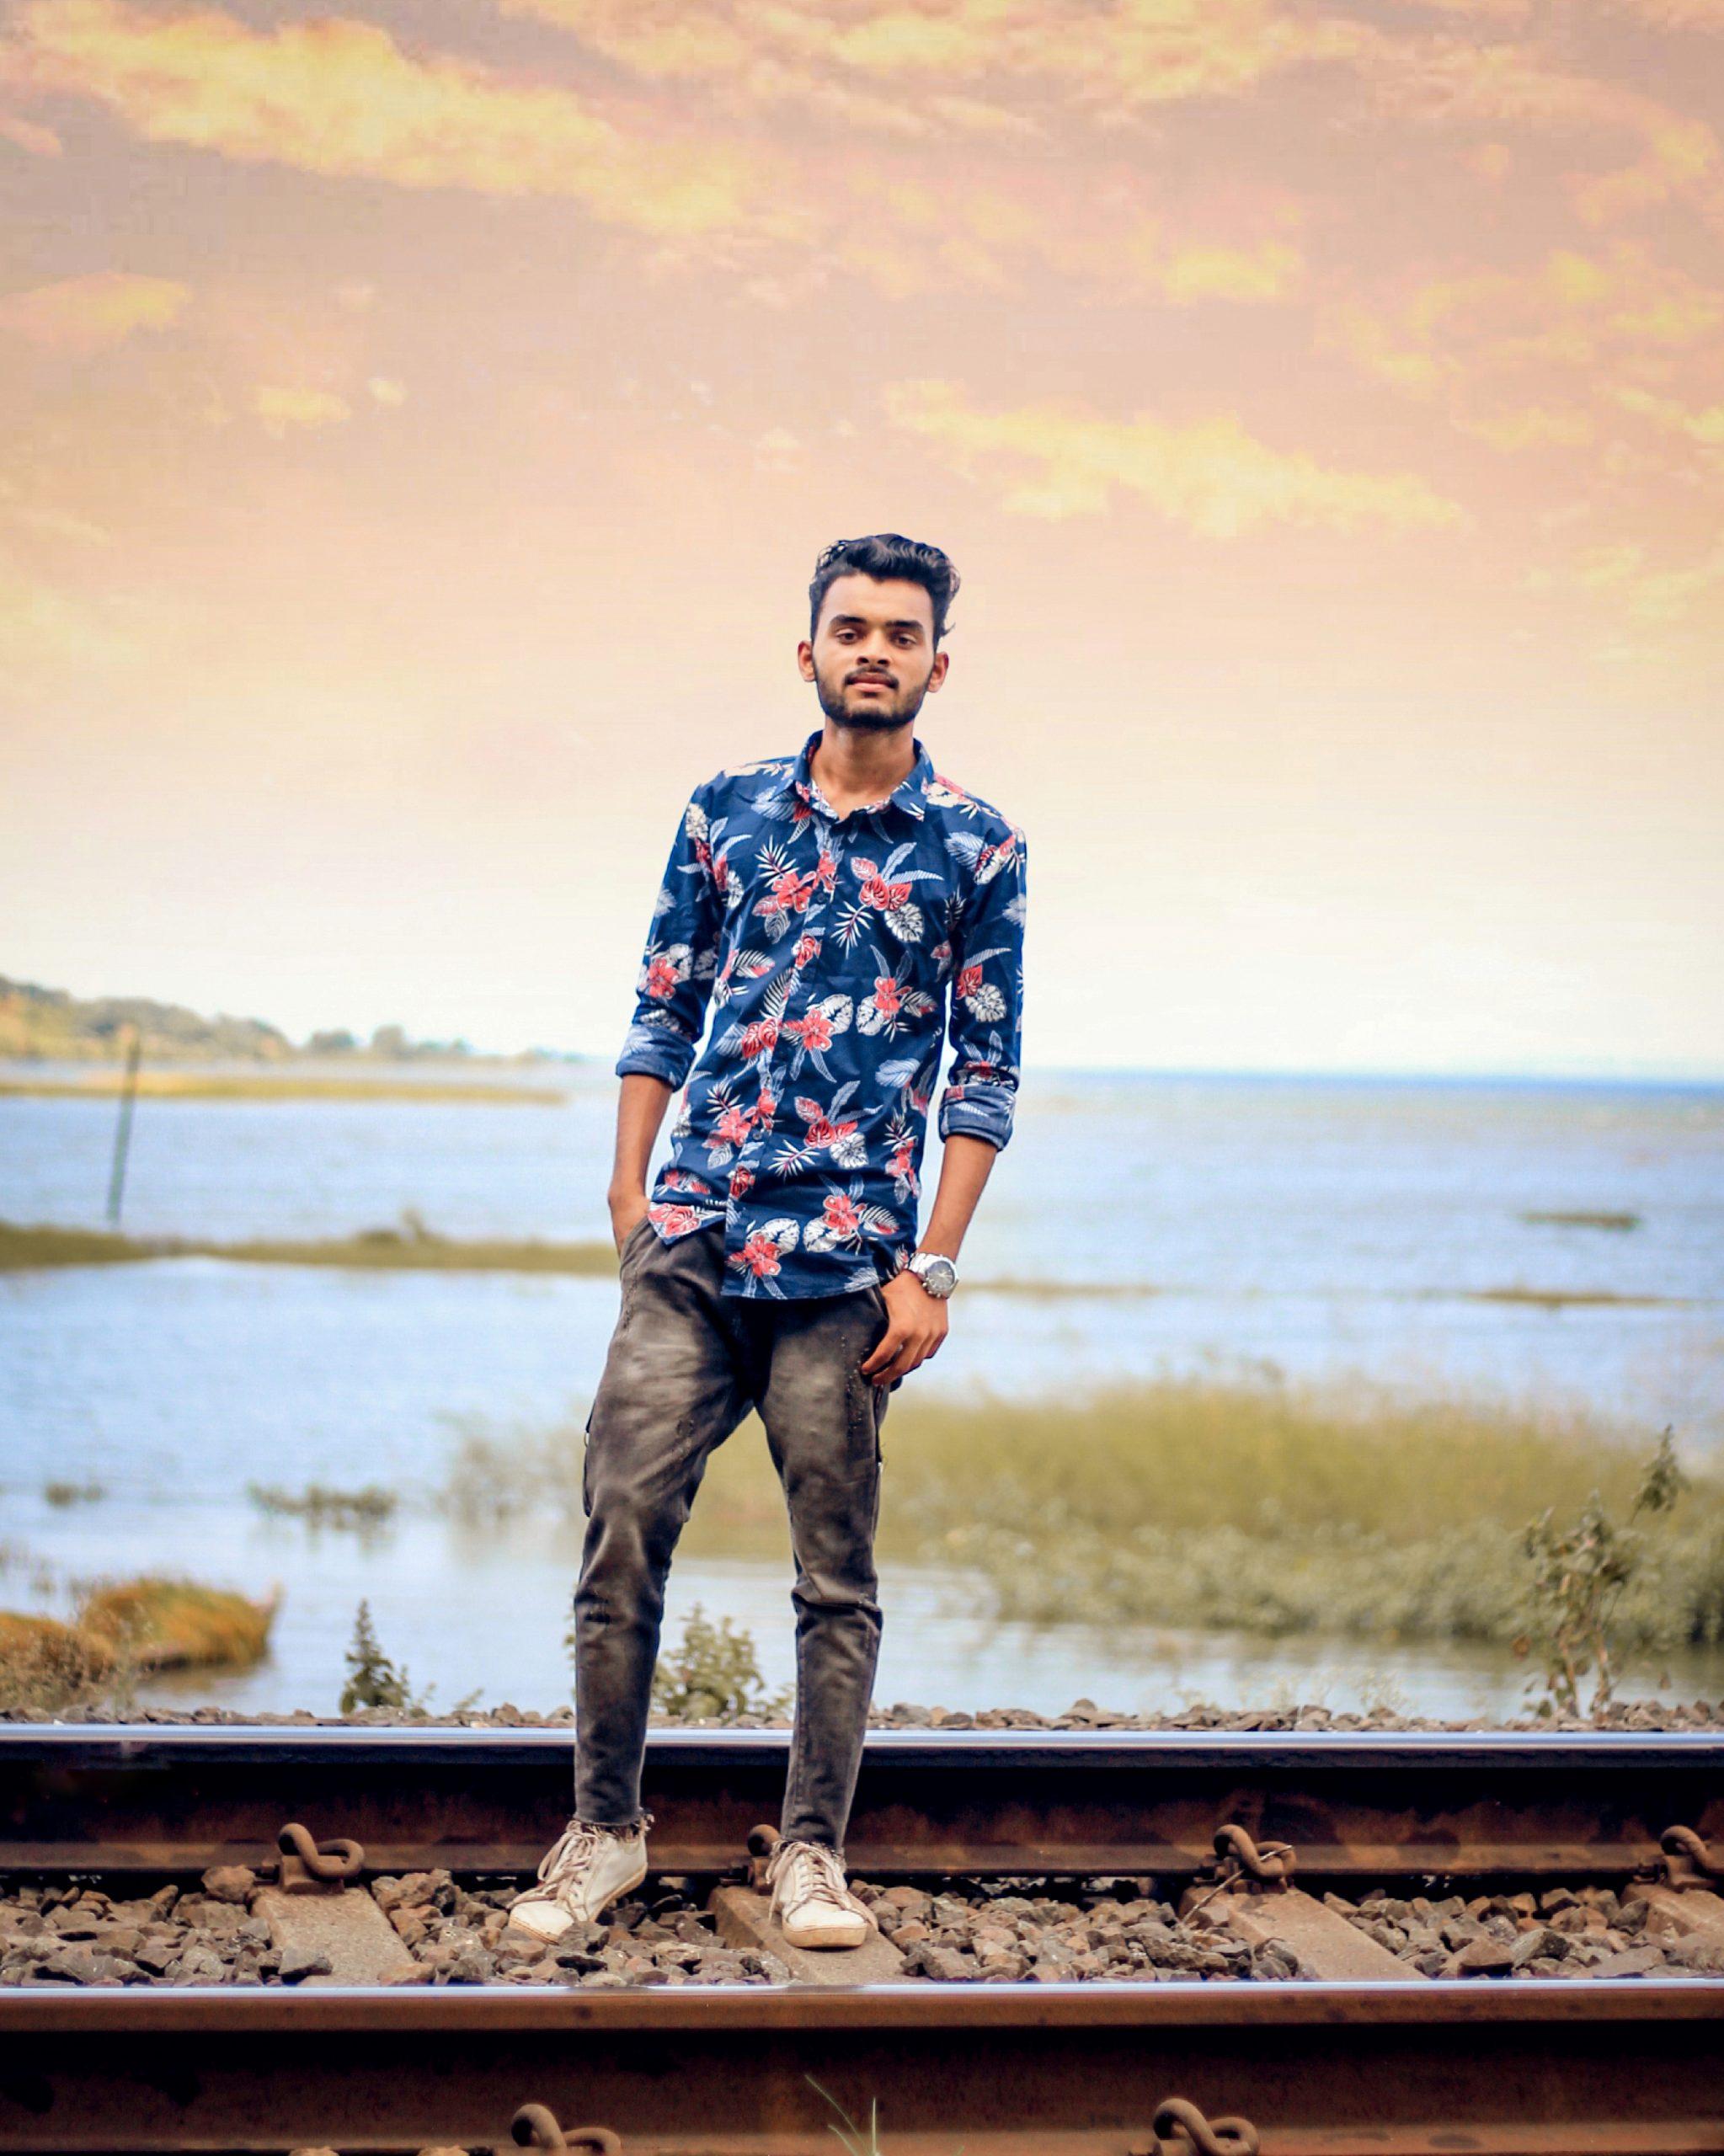 Boy posing on railway track